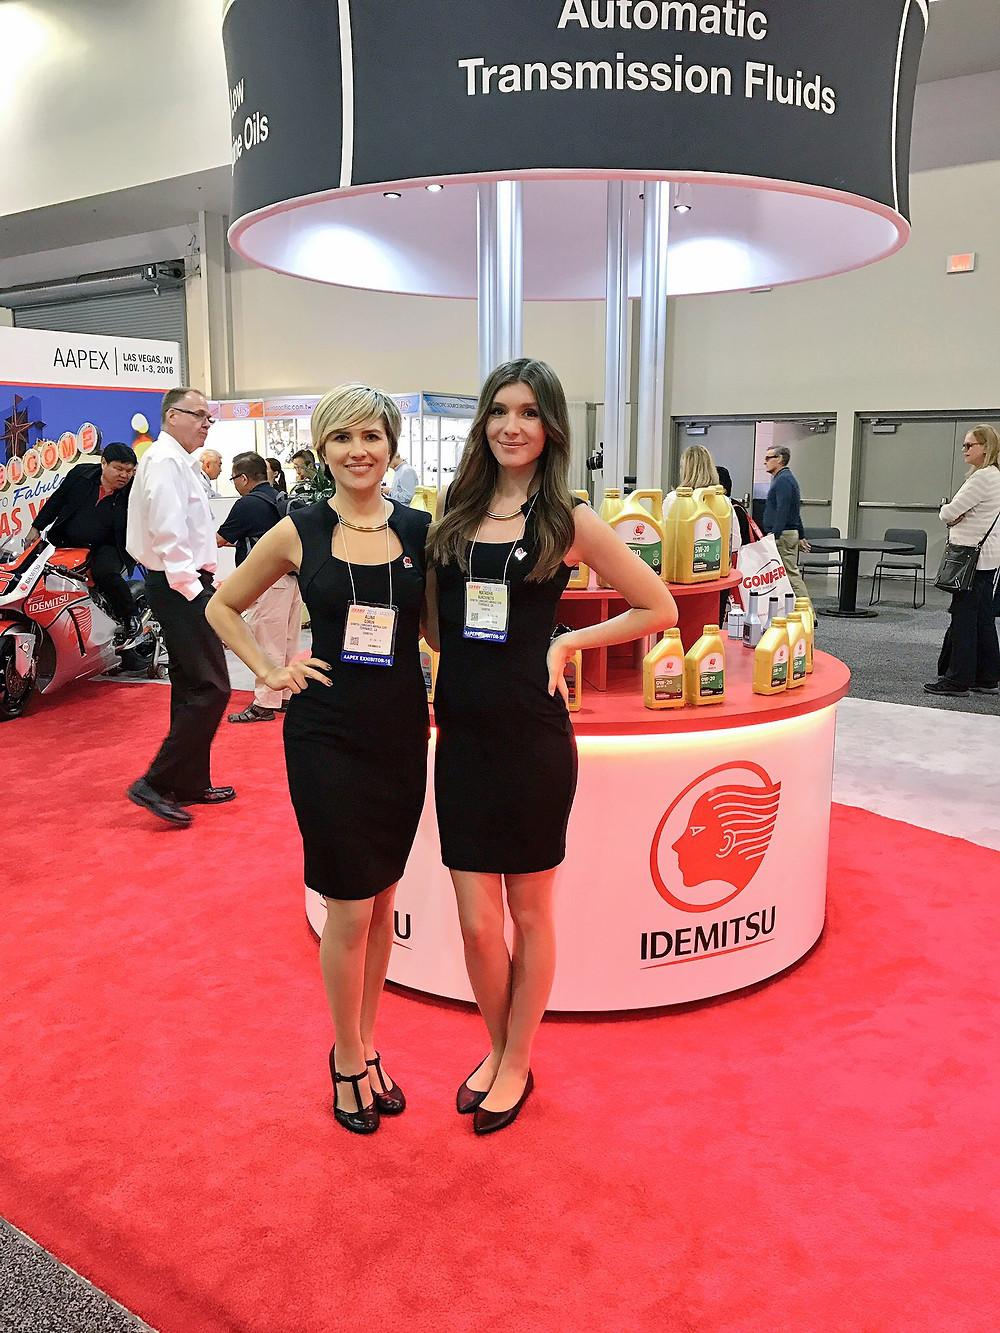 las vegas trade show models, attract agency, las vegas modeling agencies, las vegas convention models